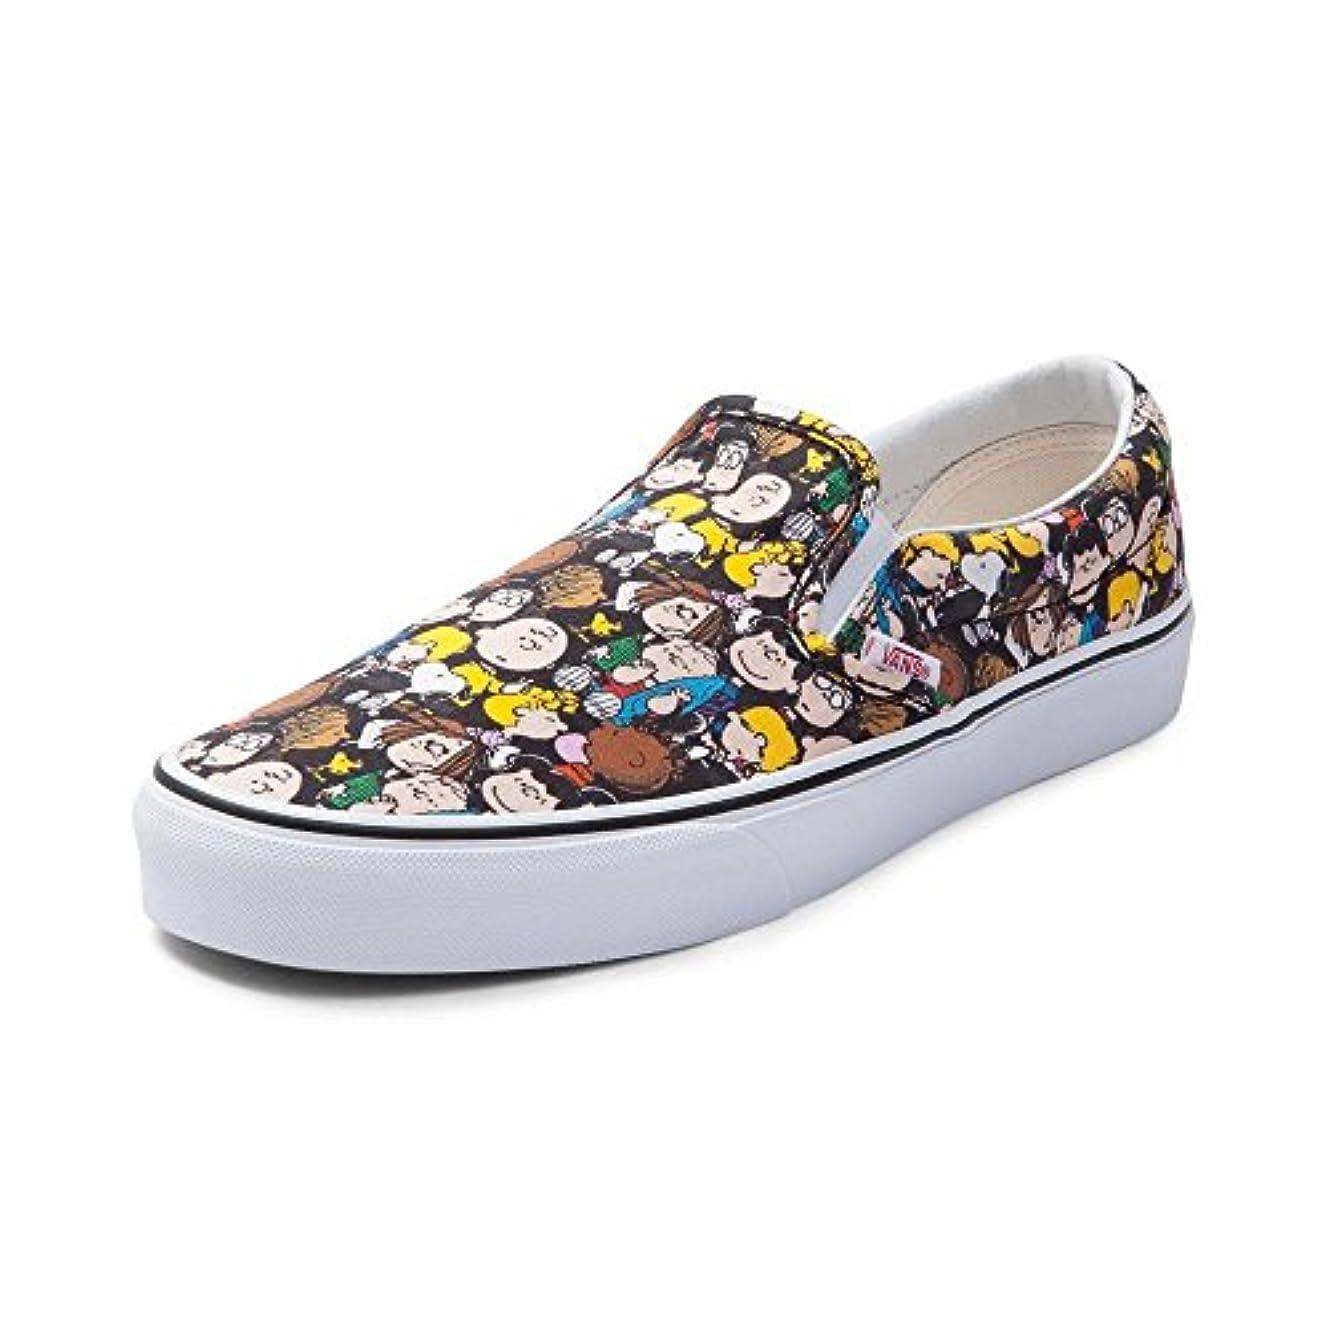 ドリンク泣き叫ぶアルバニー(バンズ)Vans スリッポン スヌーピー?靴?スニーカー Slip On Peanuts Gang Sneaker Peanuts ピーナッツギャング M:10, W:11.5 (メンズ28cm, レディース28.5cm...